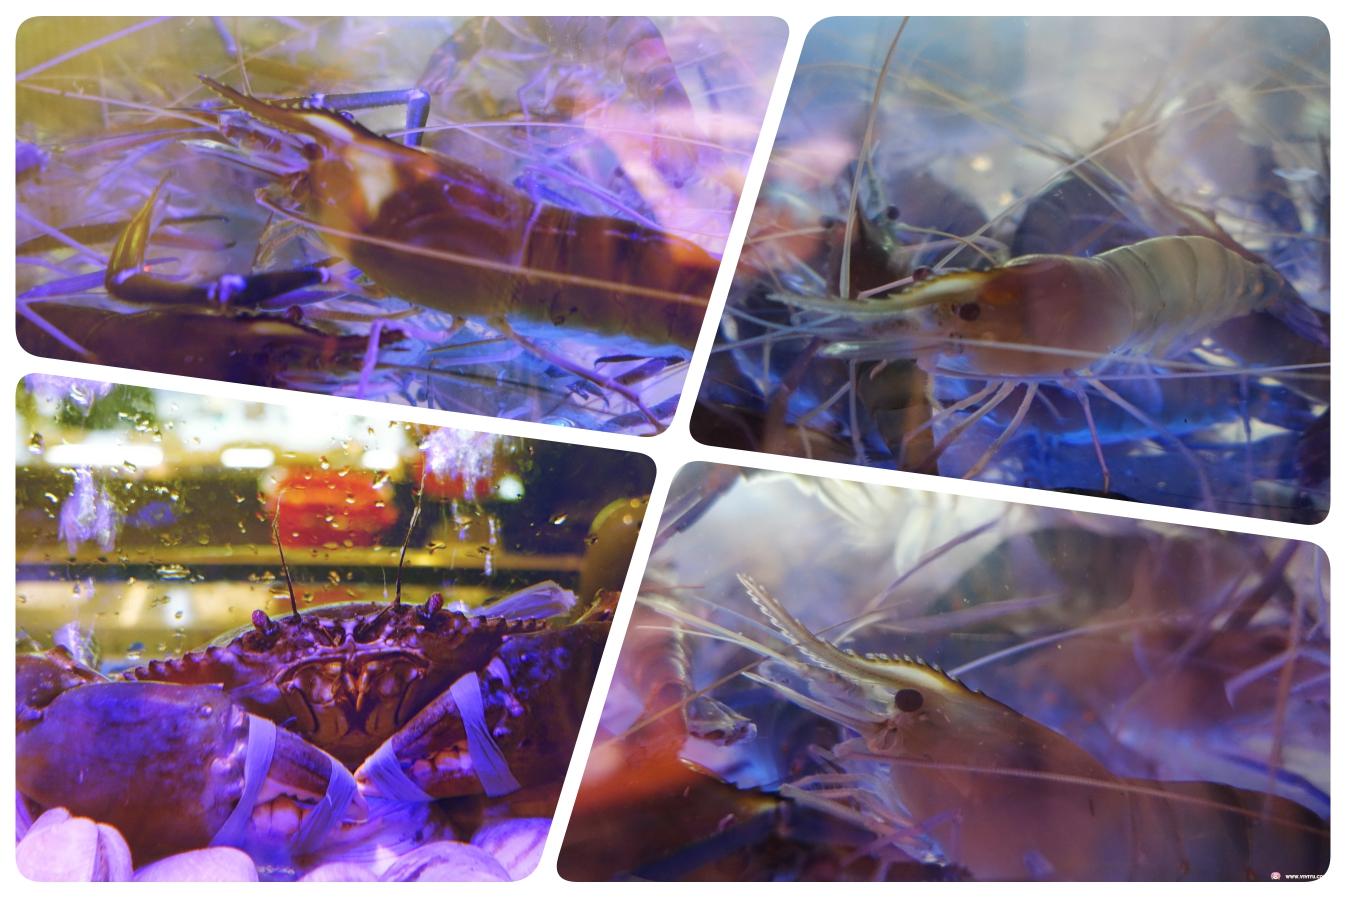 (關門大吉)[桃園美食]一品活蝦桃園店~中正藝文特區新開活蝦料理專門店.產地直送現點現抓新鮮.桃園聚餐推薦餐廳(11月底前來店打卡分享,就送【特級美國骰子牛】) @VIVIYU小世界